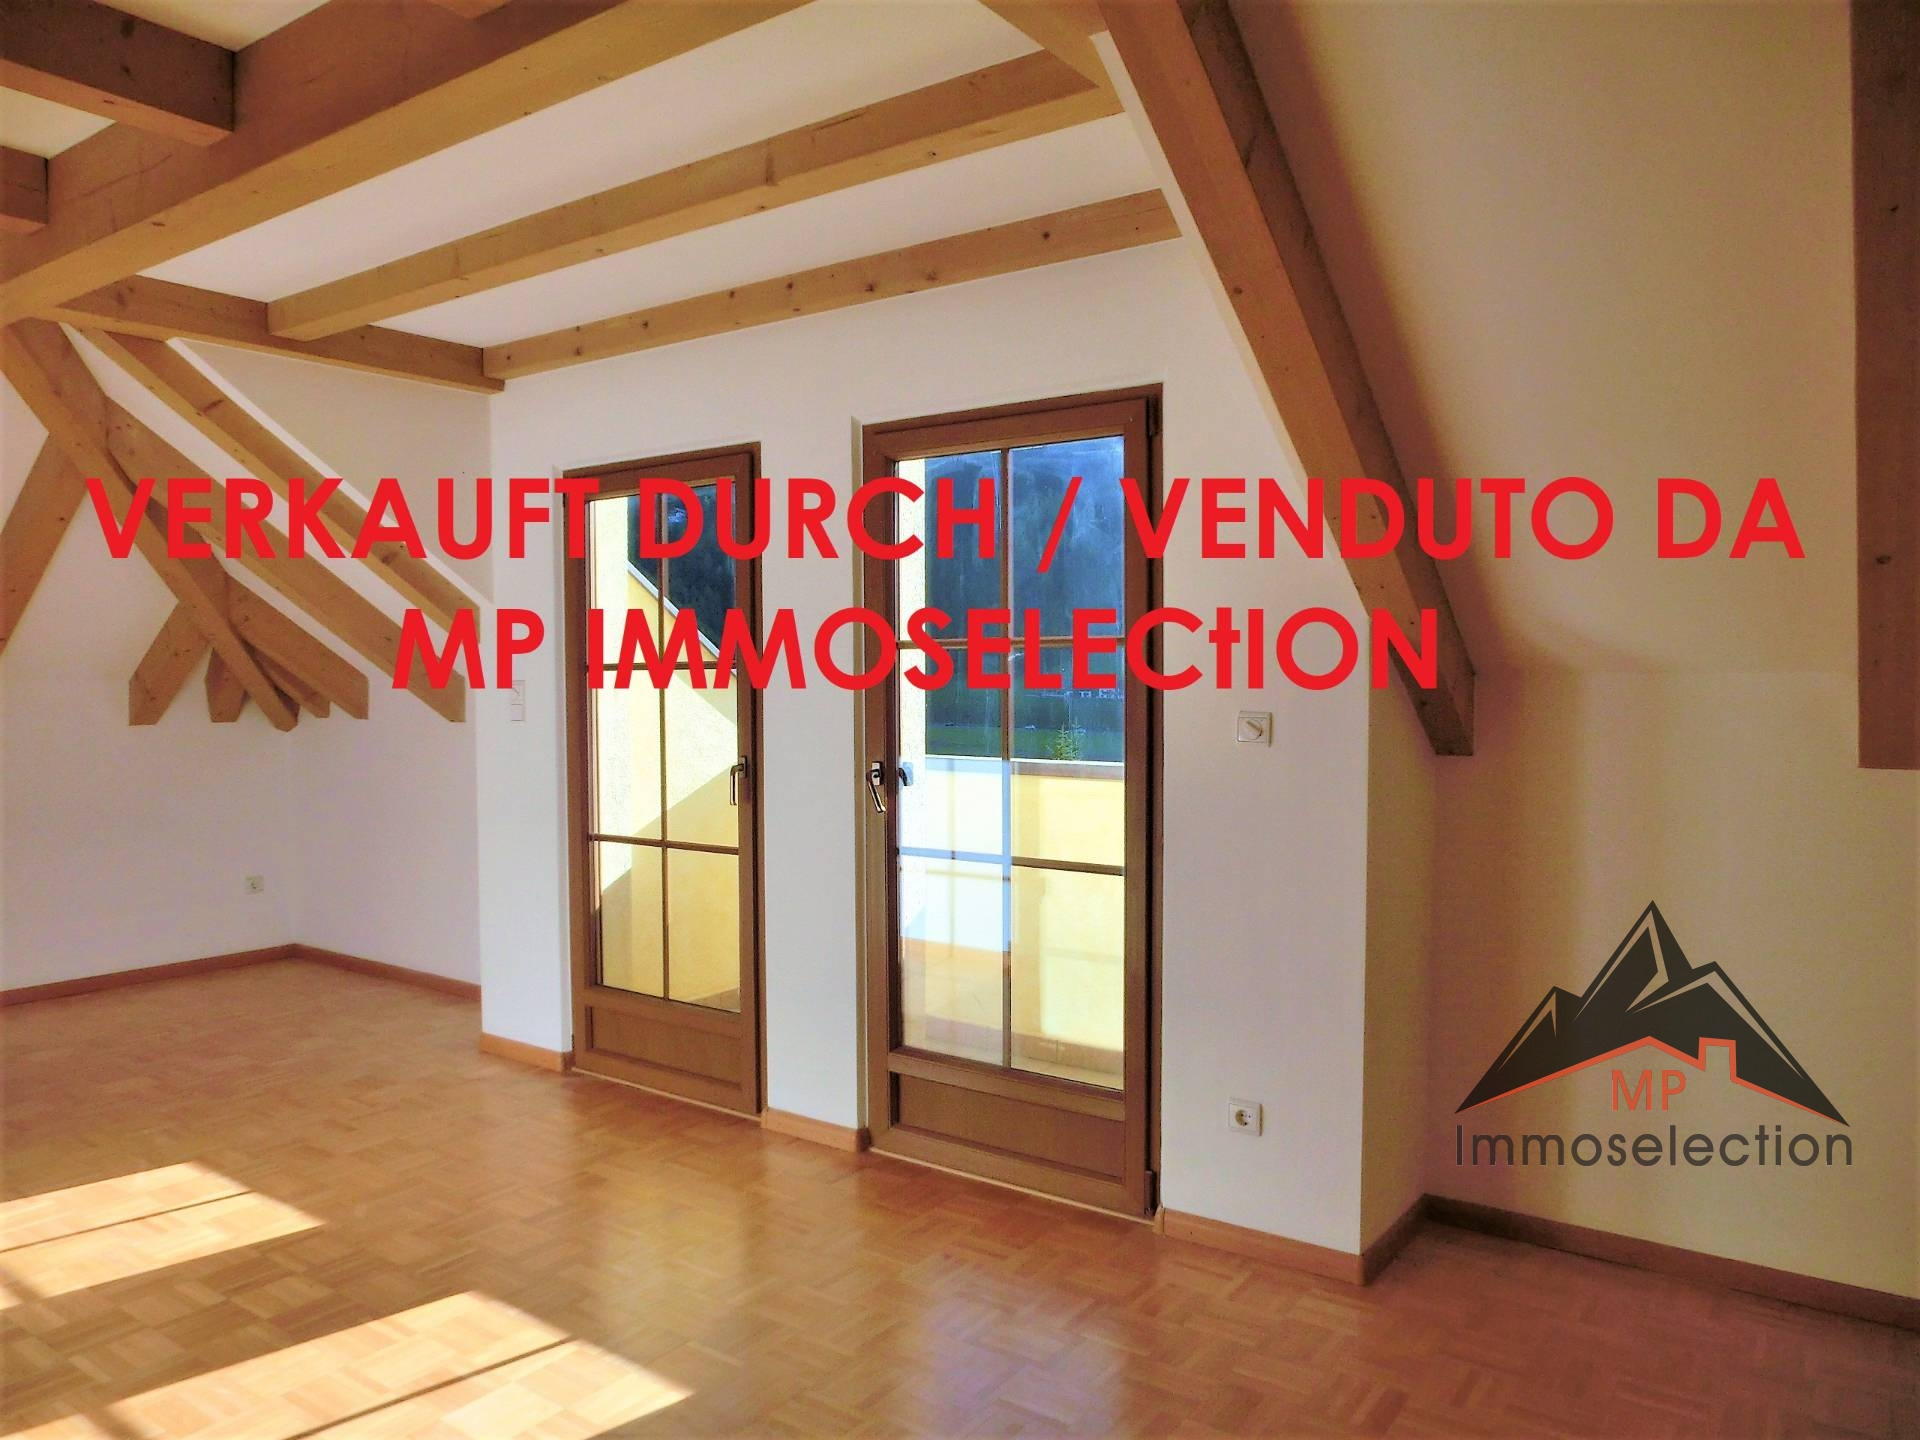 Appartamento in vendita a Vandoies, 3 locali, zona Località: VandoiesdiSopra, prezzo € 175.000 | CambioCasa.it